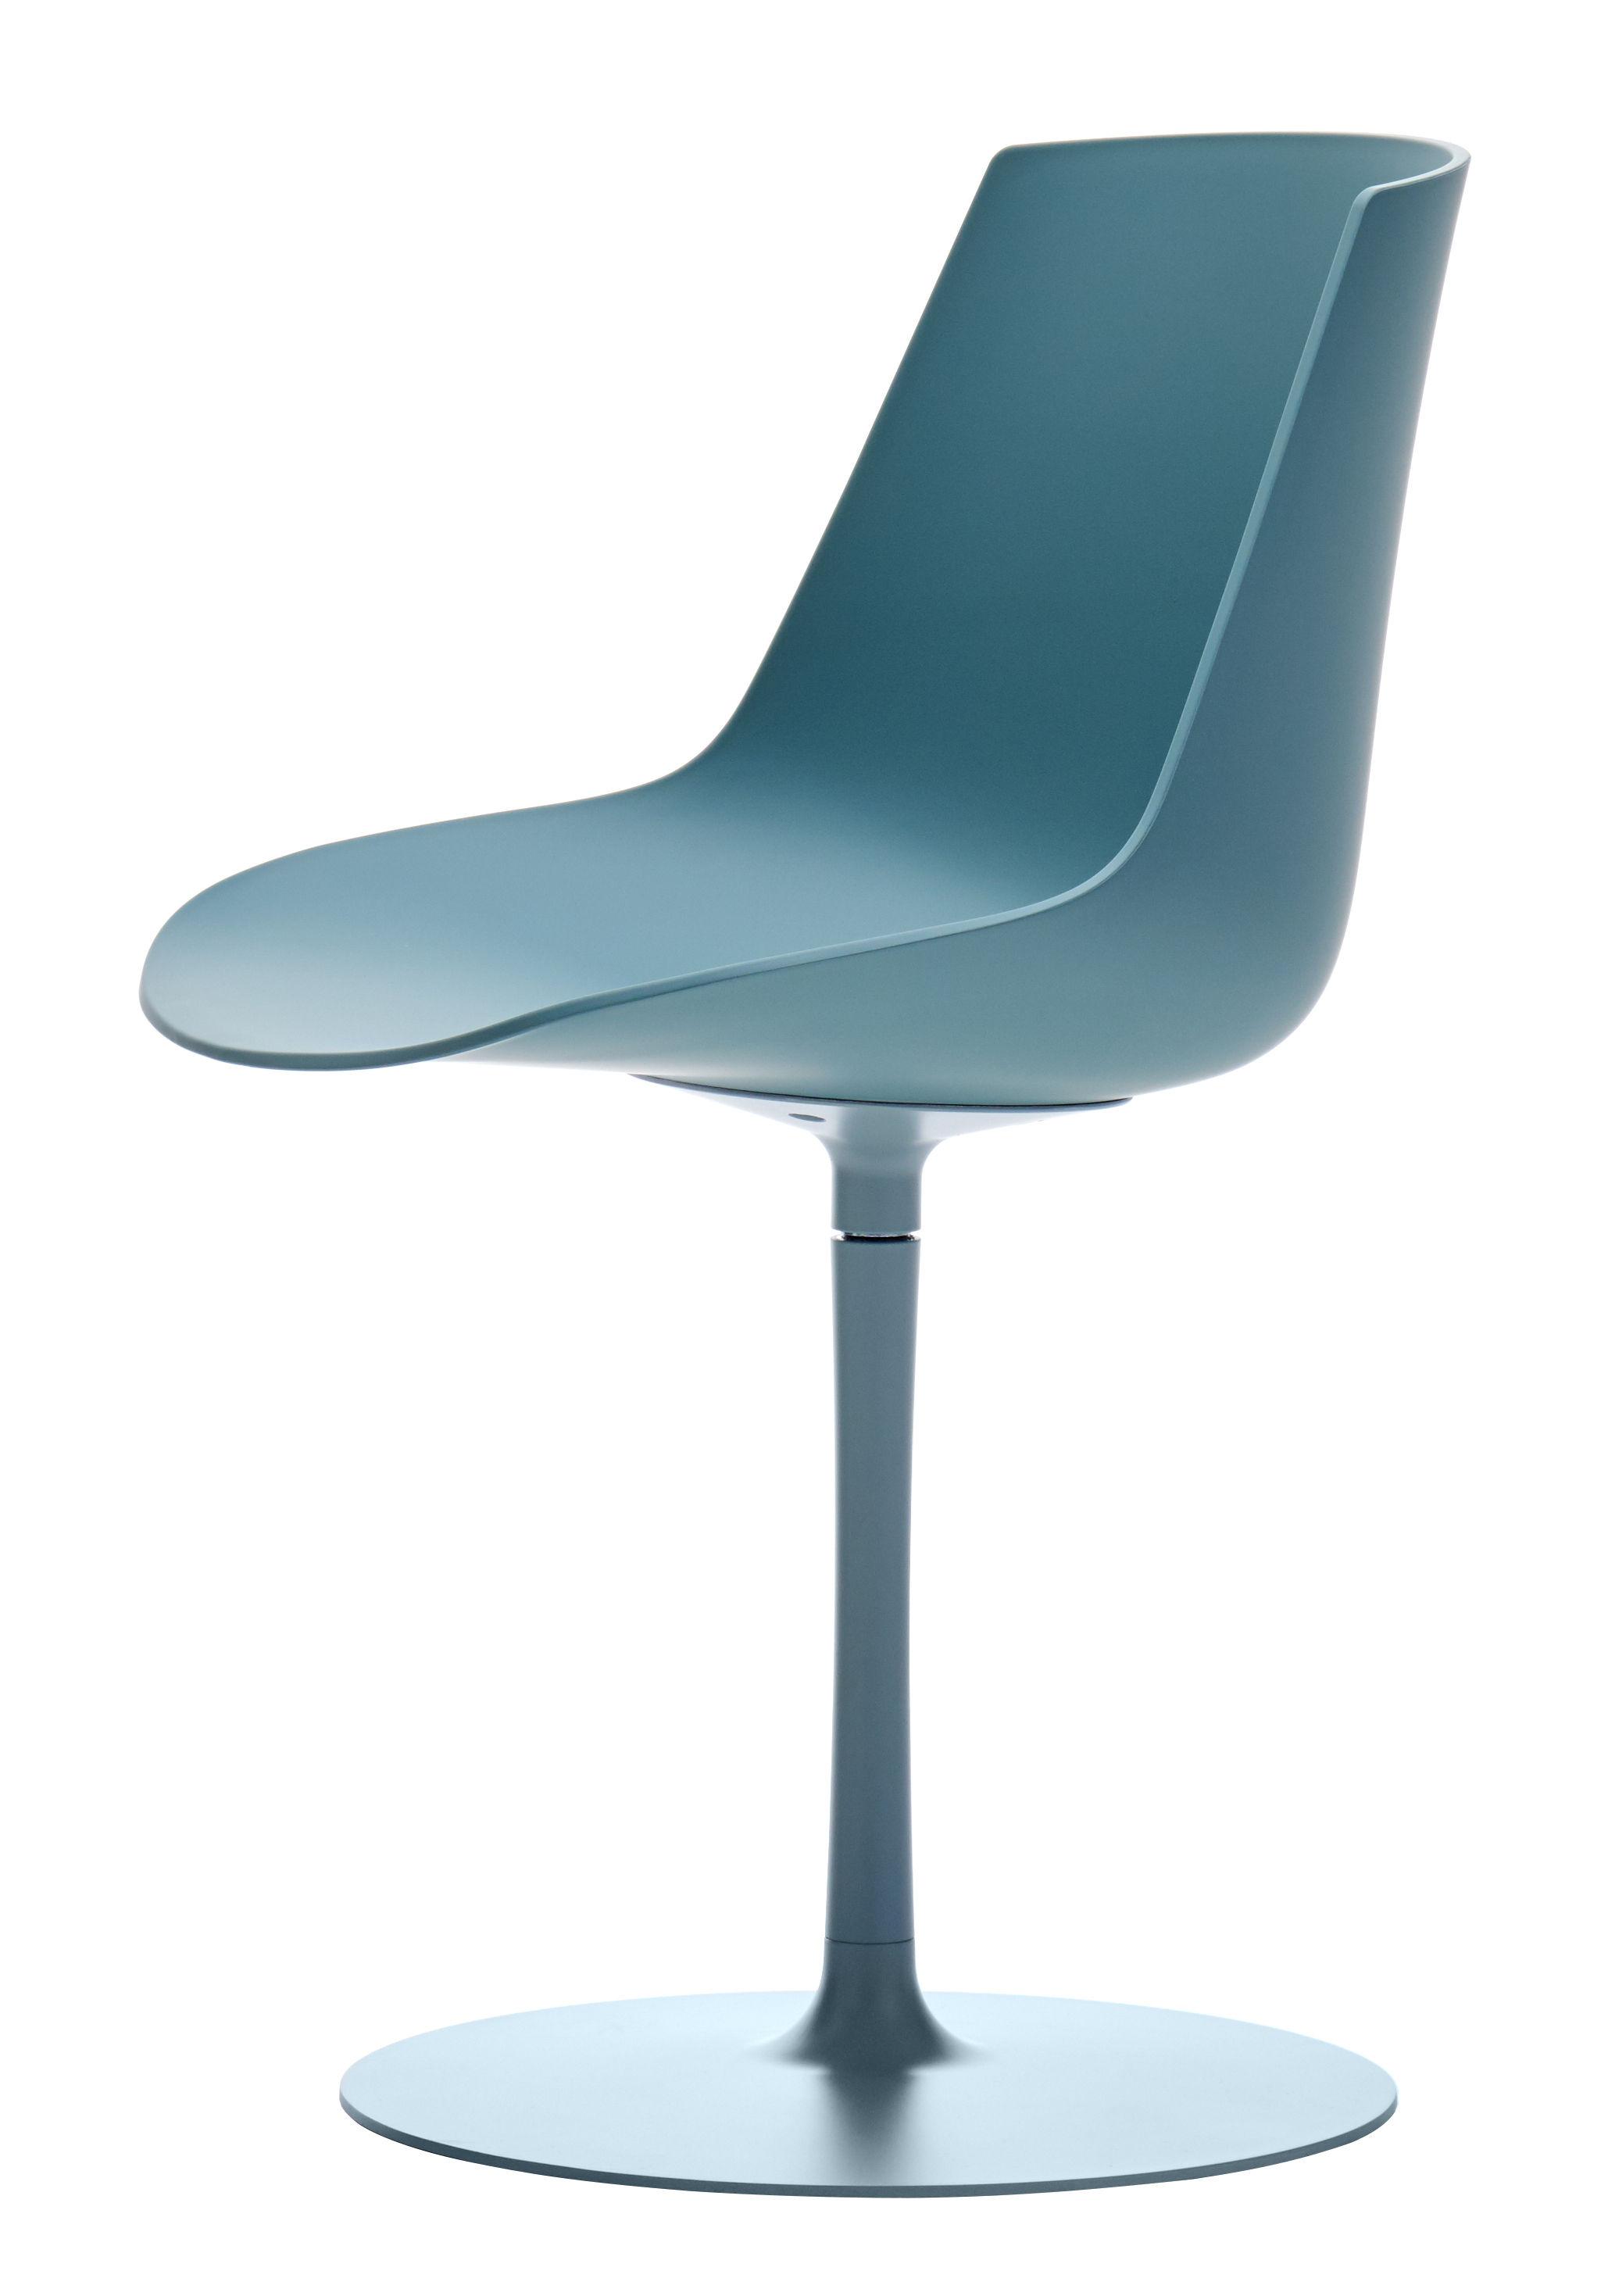 chaise pivotante flow color pied central bleu aviateur mdf italia. Black Bedroom Furniture Sets. Home Design Ideas